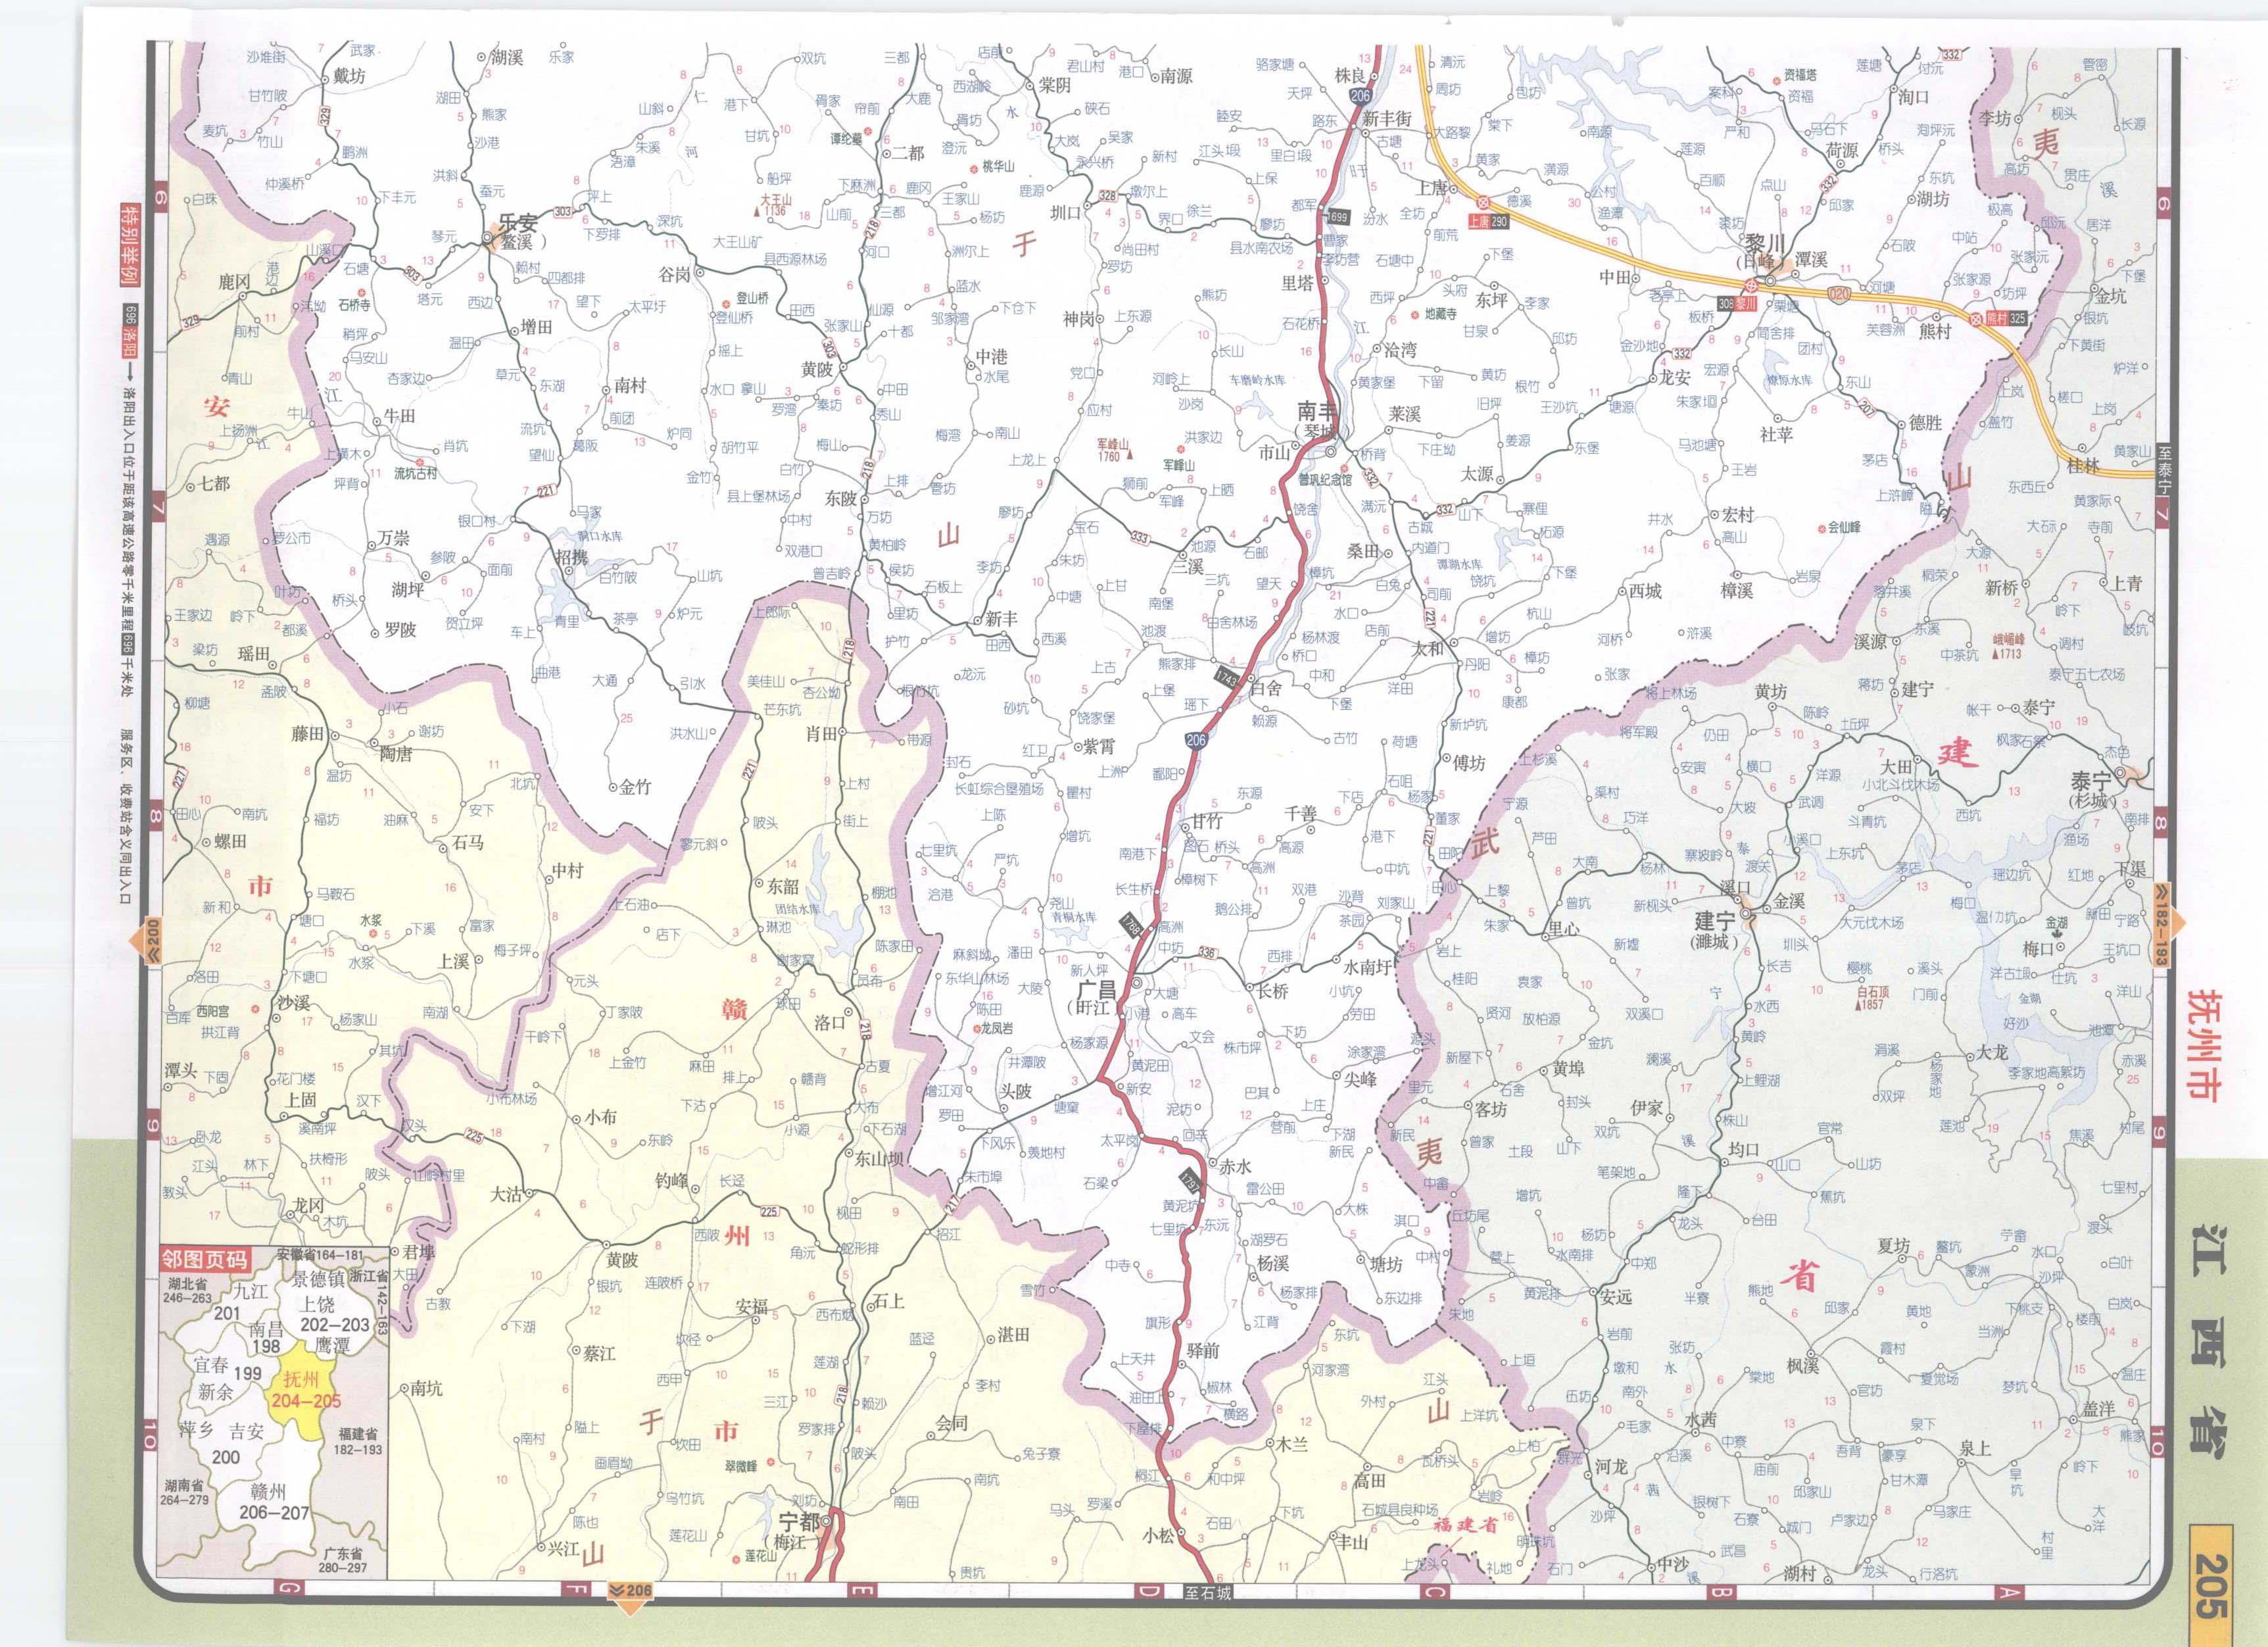 江西省抚州市高速公路网地图